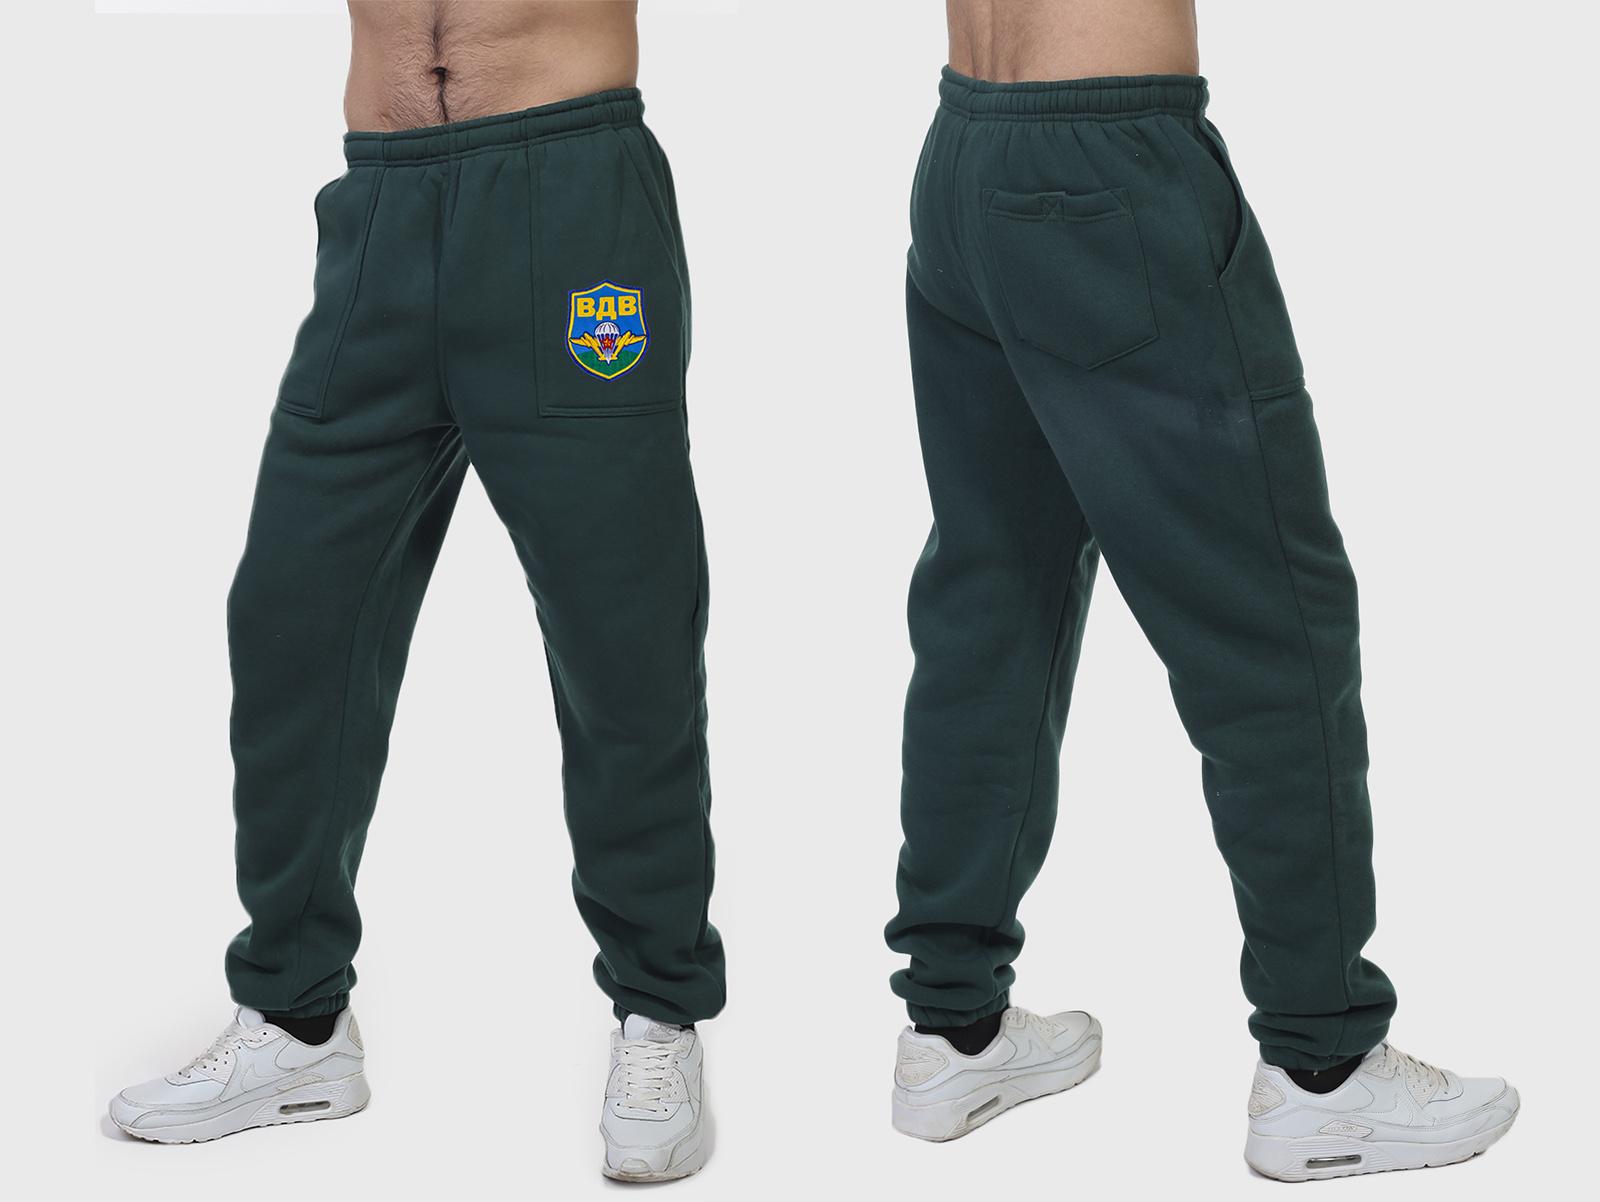 Лучшие спортивные мужские штаны на флисе!